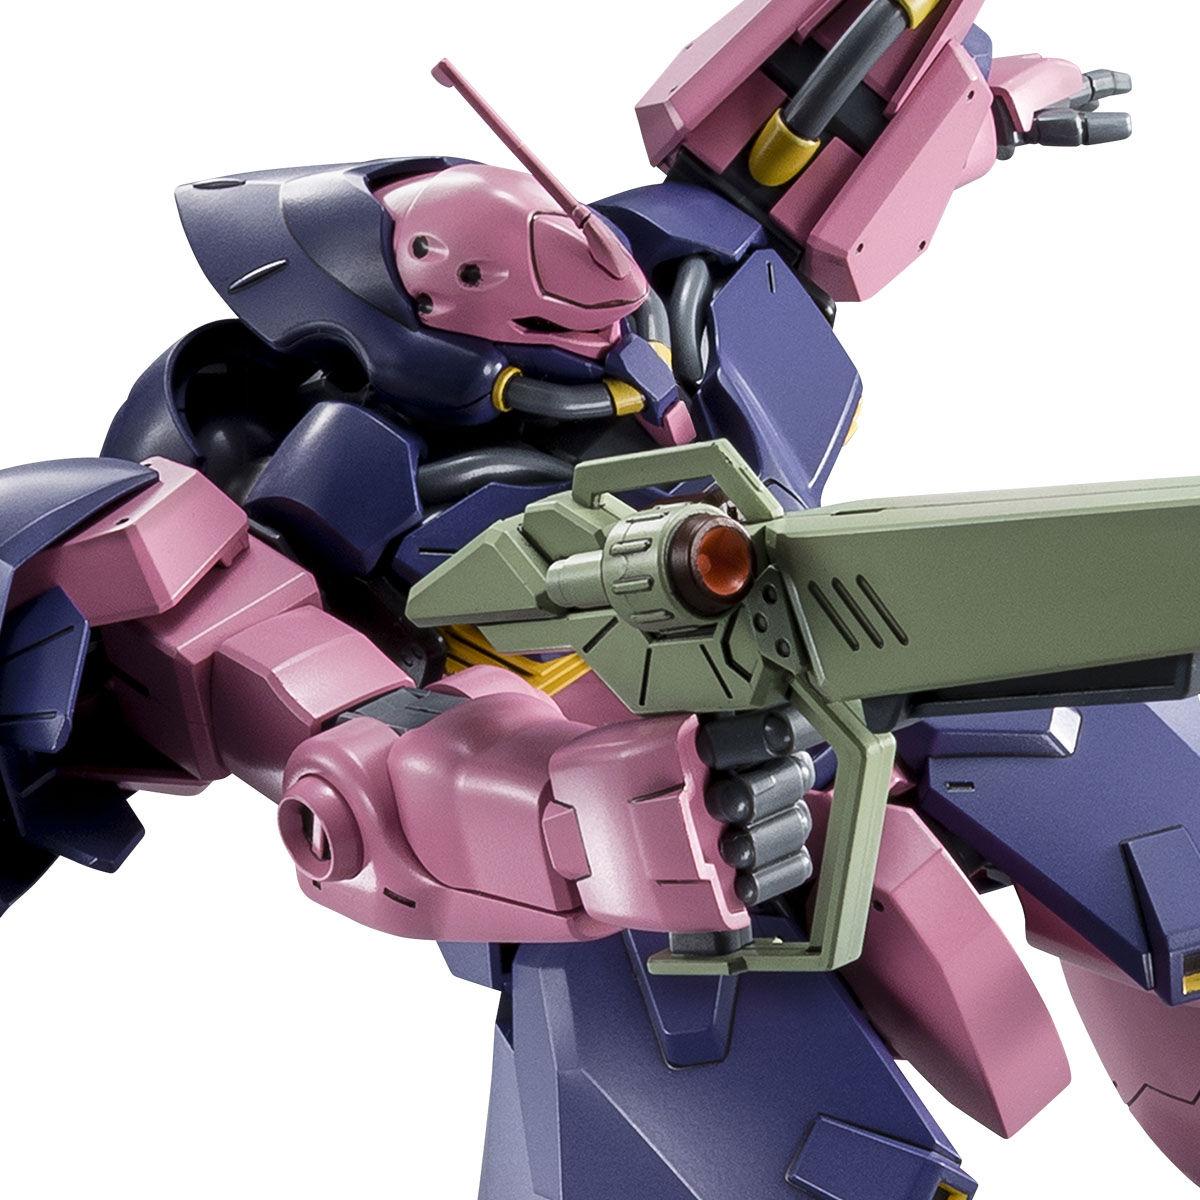 【限定販売】HG 1/144『メッサーF02型』機動戦士ガンダム 閃光のハサウェイ プラモデル-019